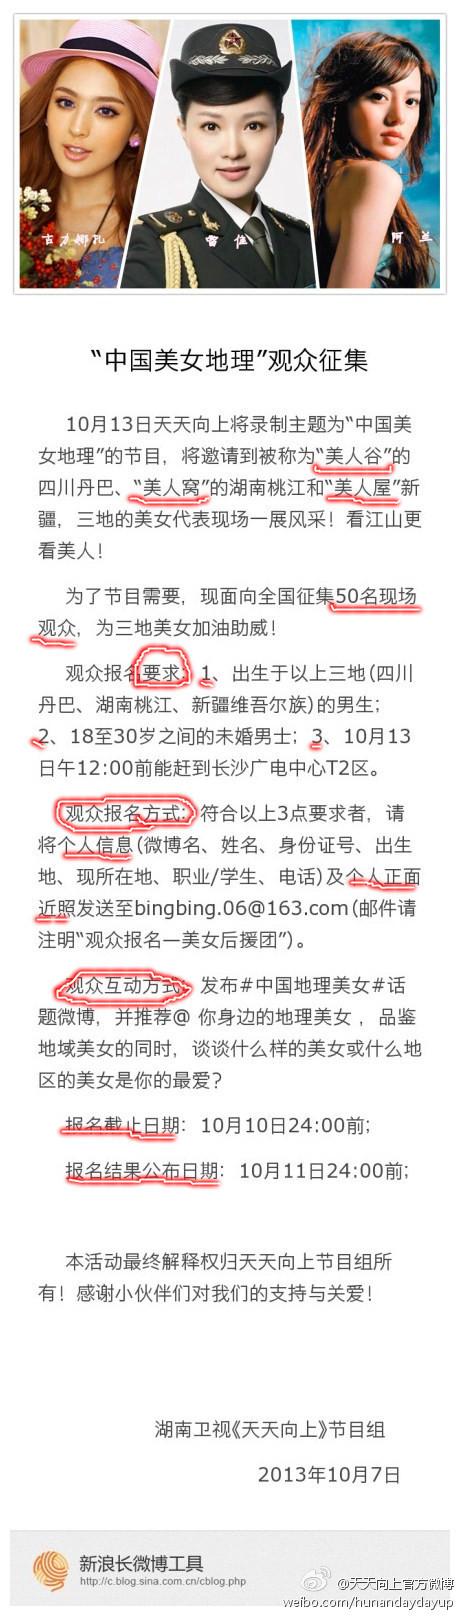 天天向上10月13日将录制主题为中国美女地理